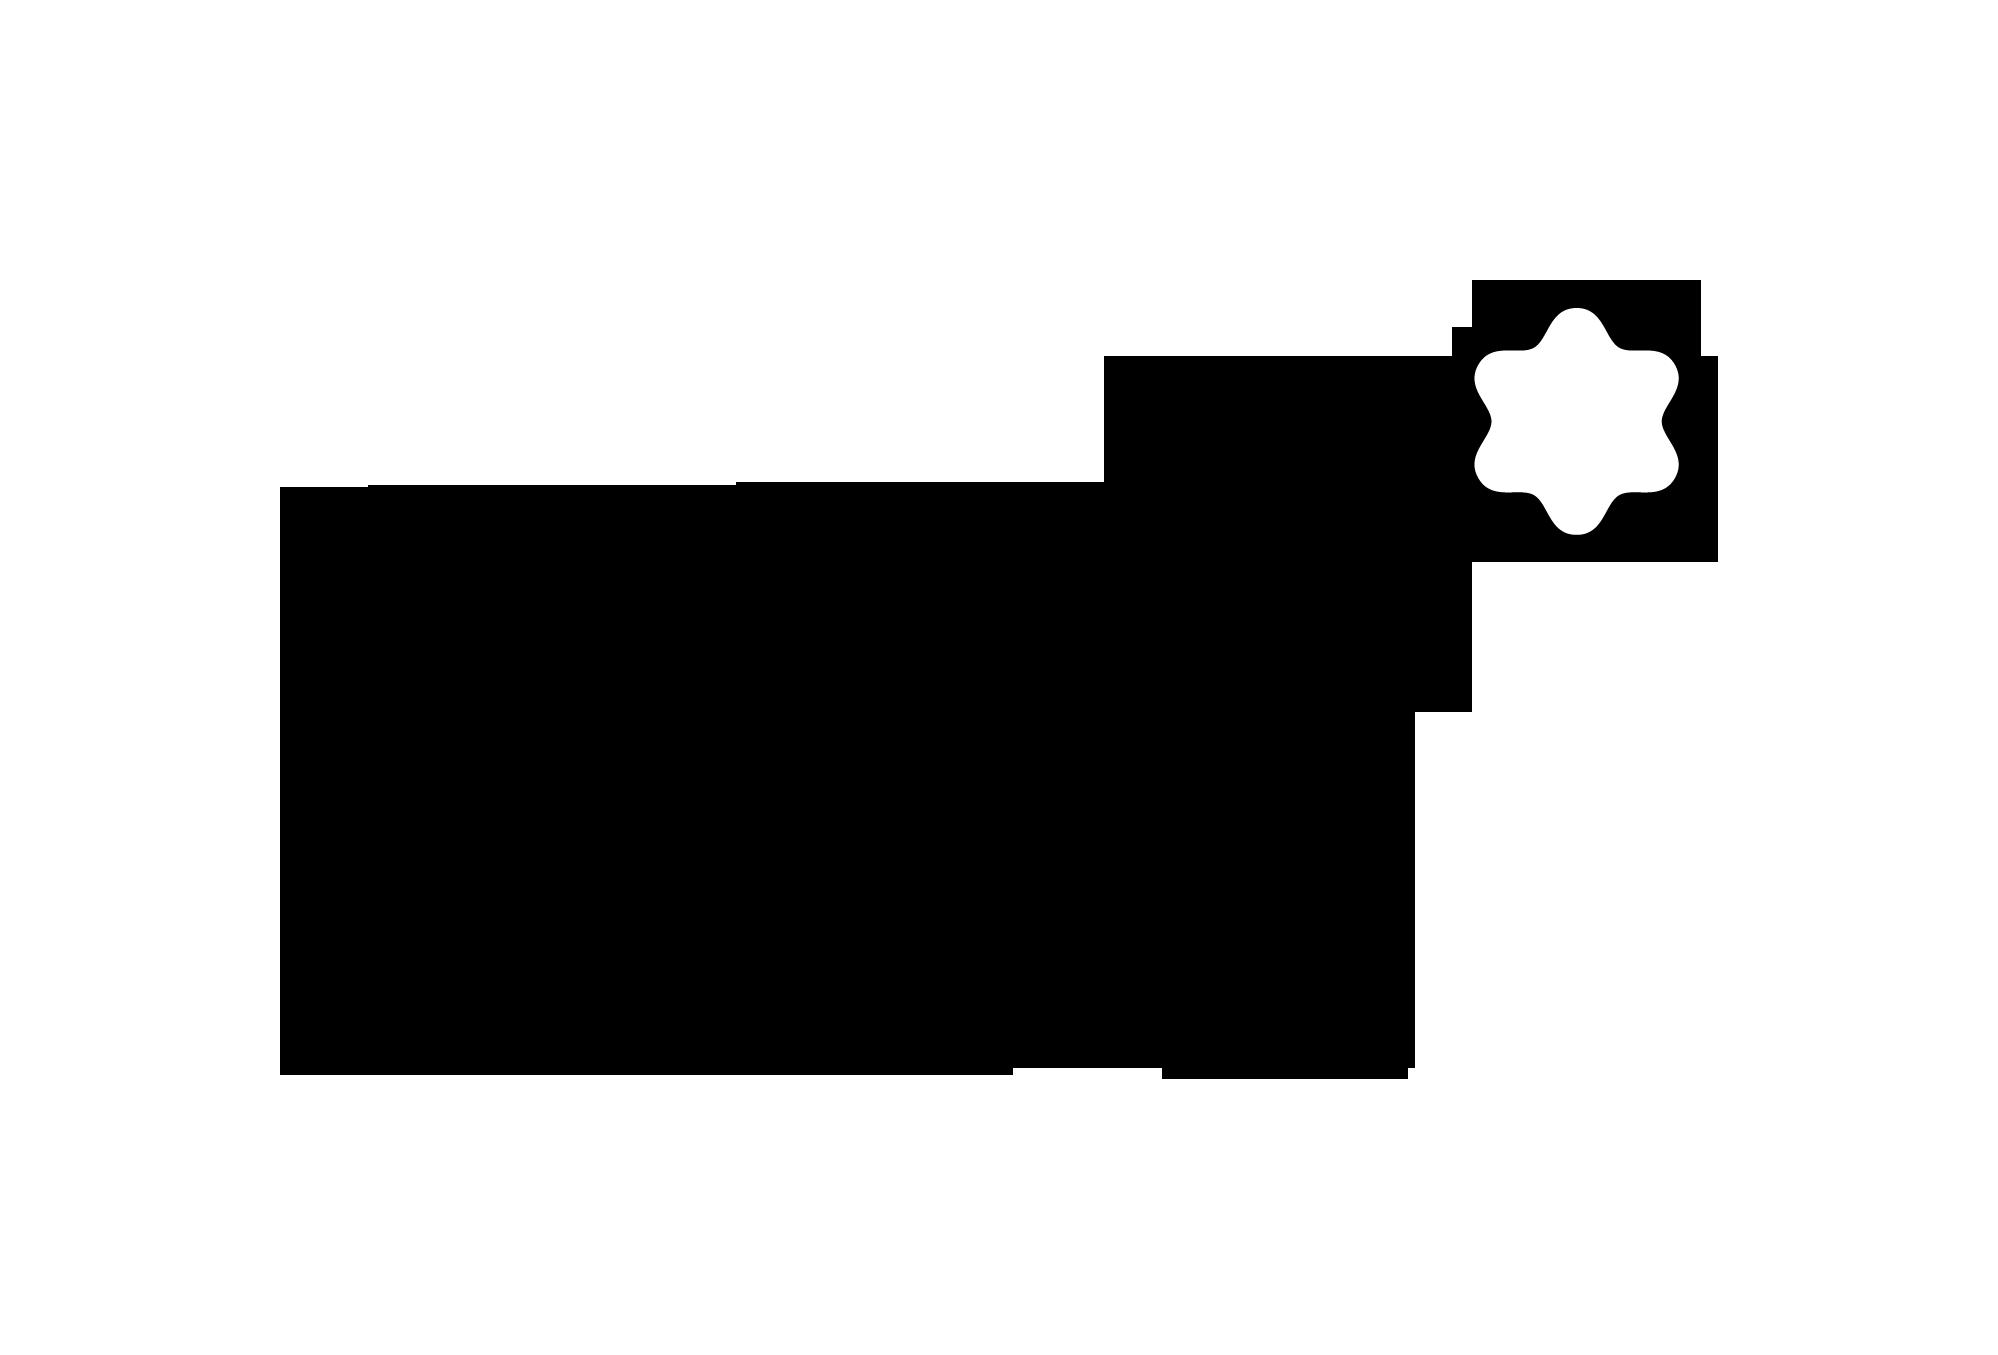 montblanc.com logo